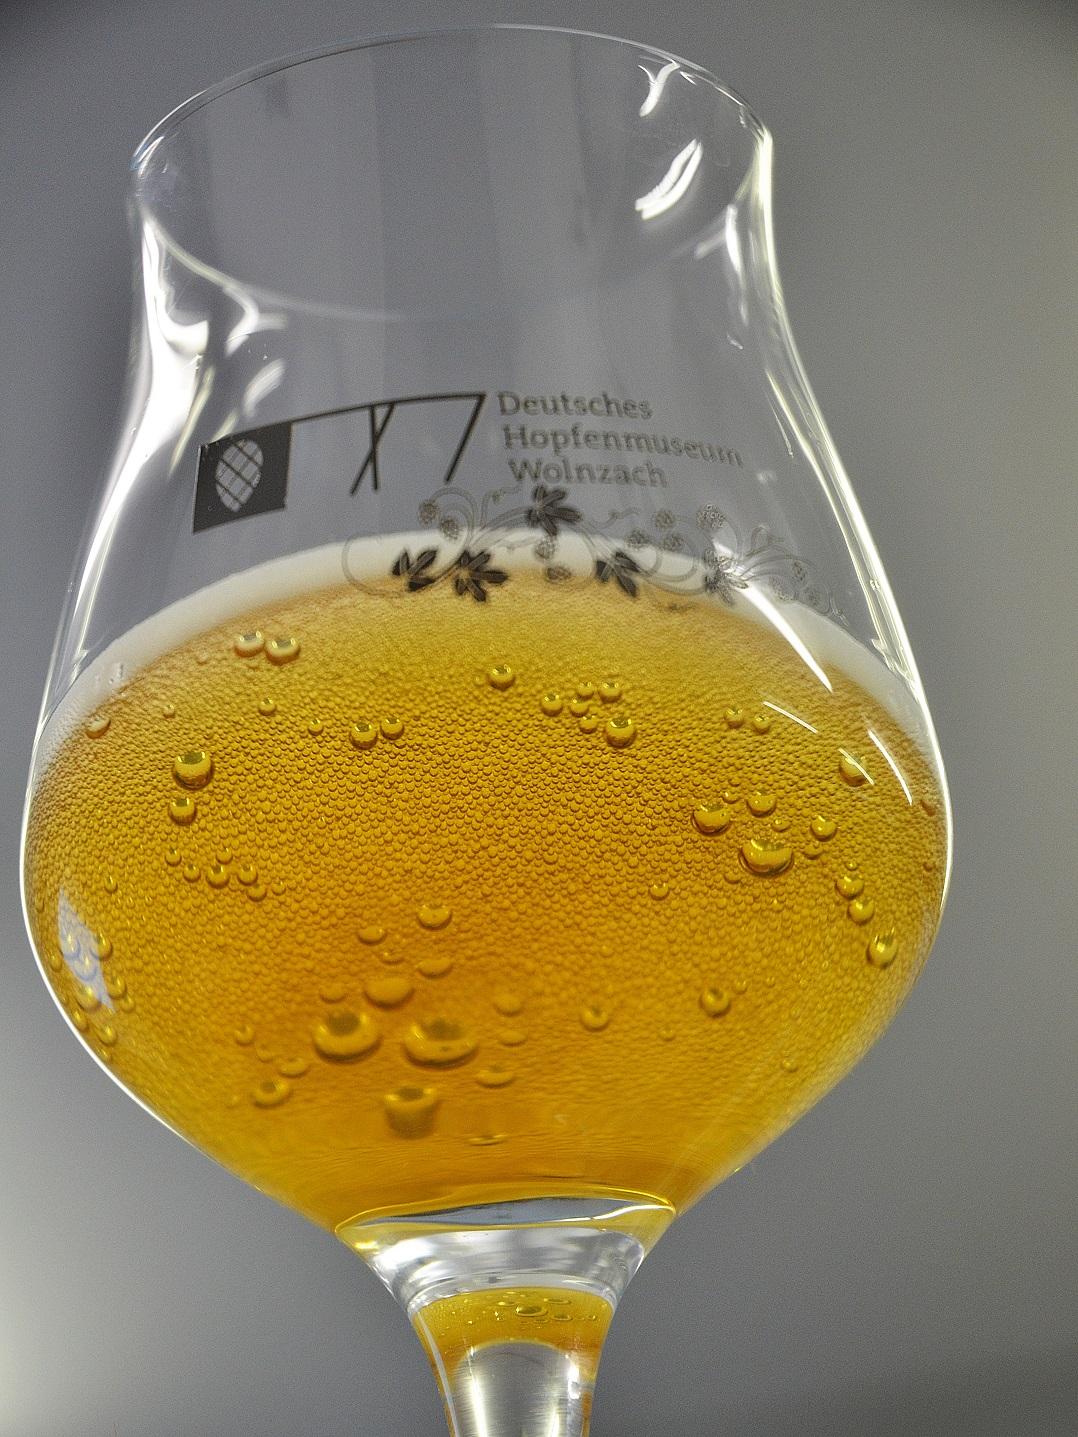 bier u. design (3)